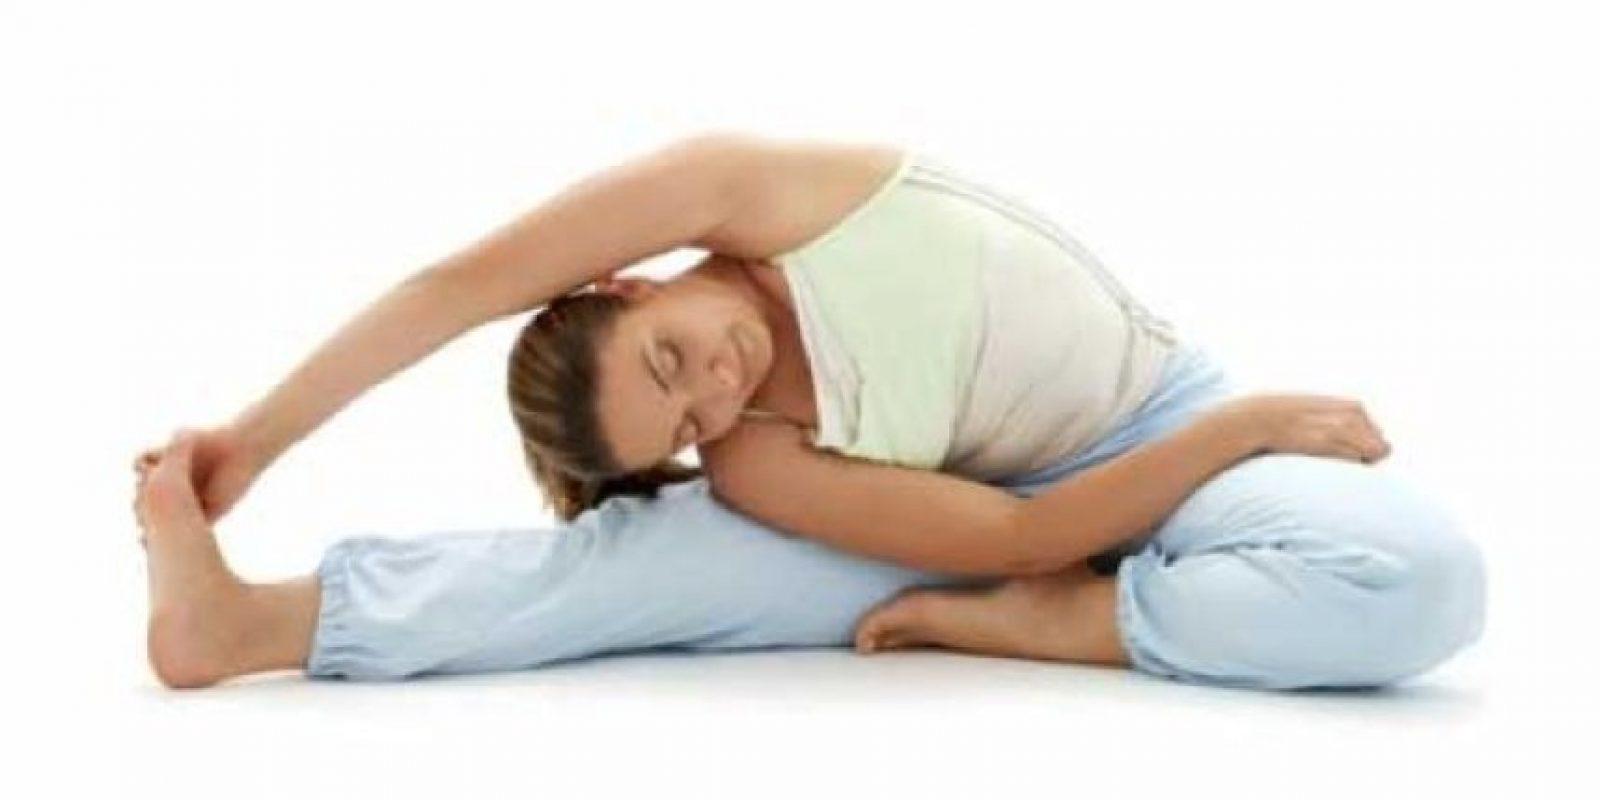 Ejercitar el cuello de un lado a otro y de arriba a bajo son ejercicios ideales. Foto:Tumblr